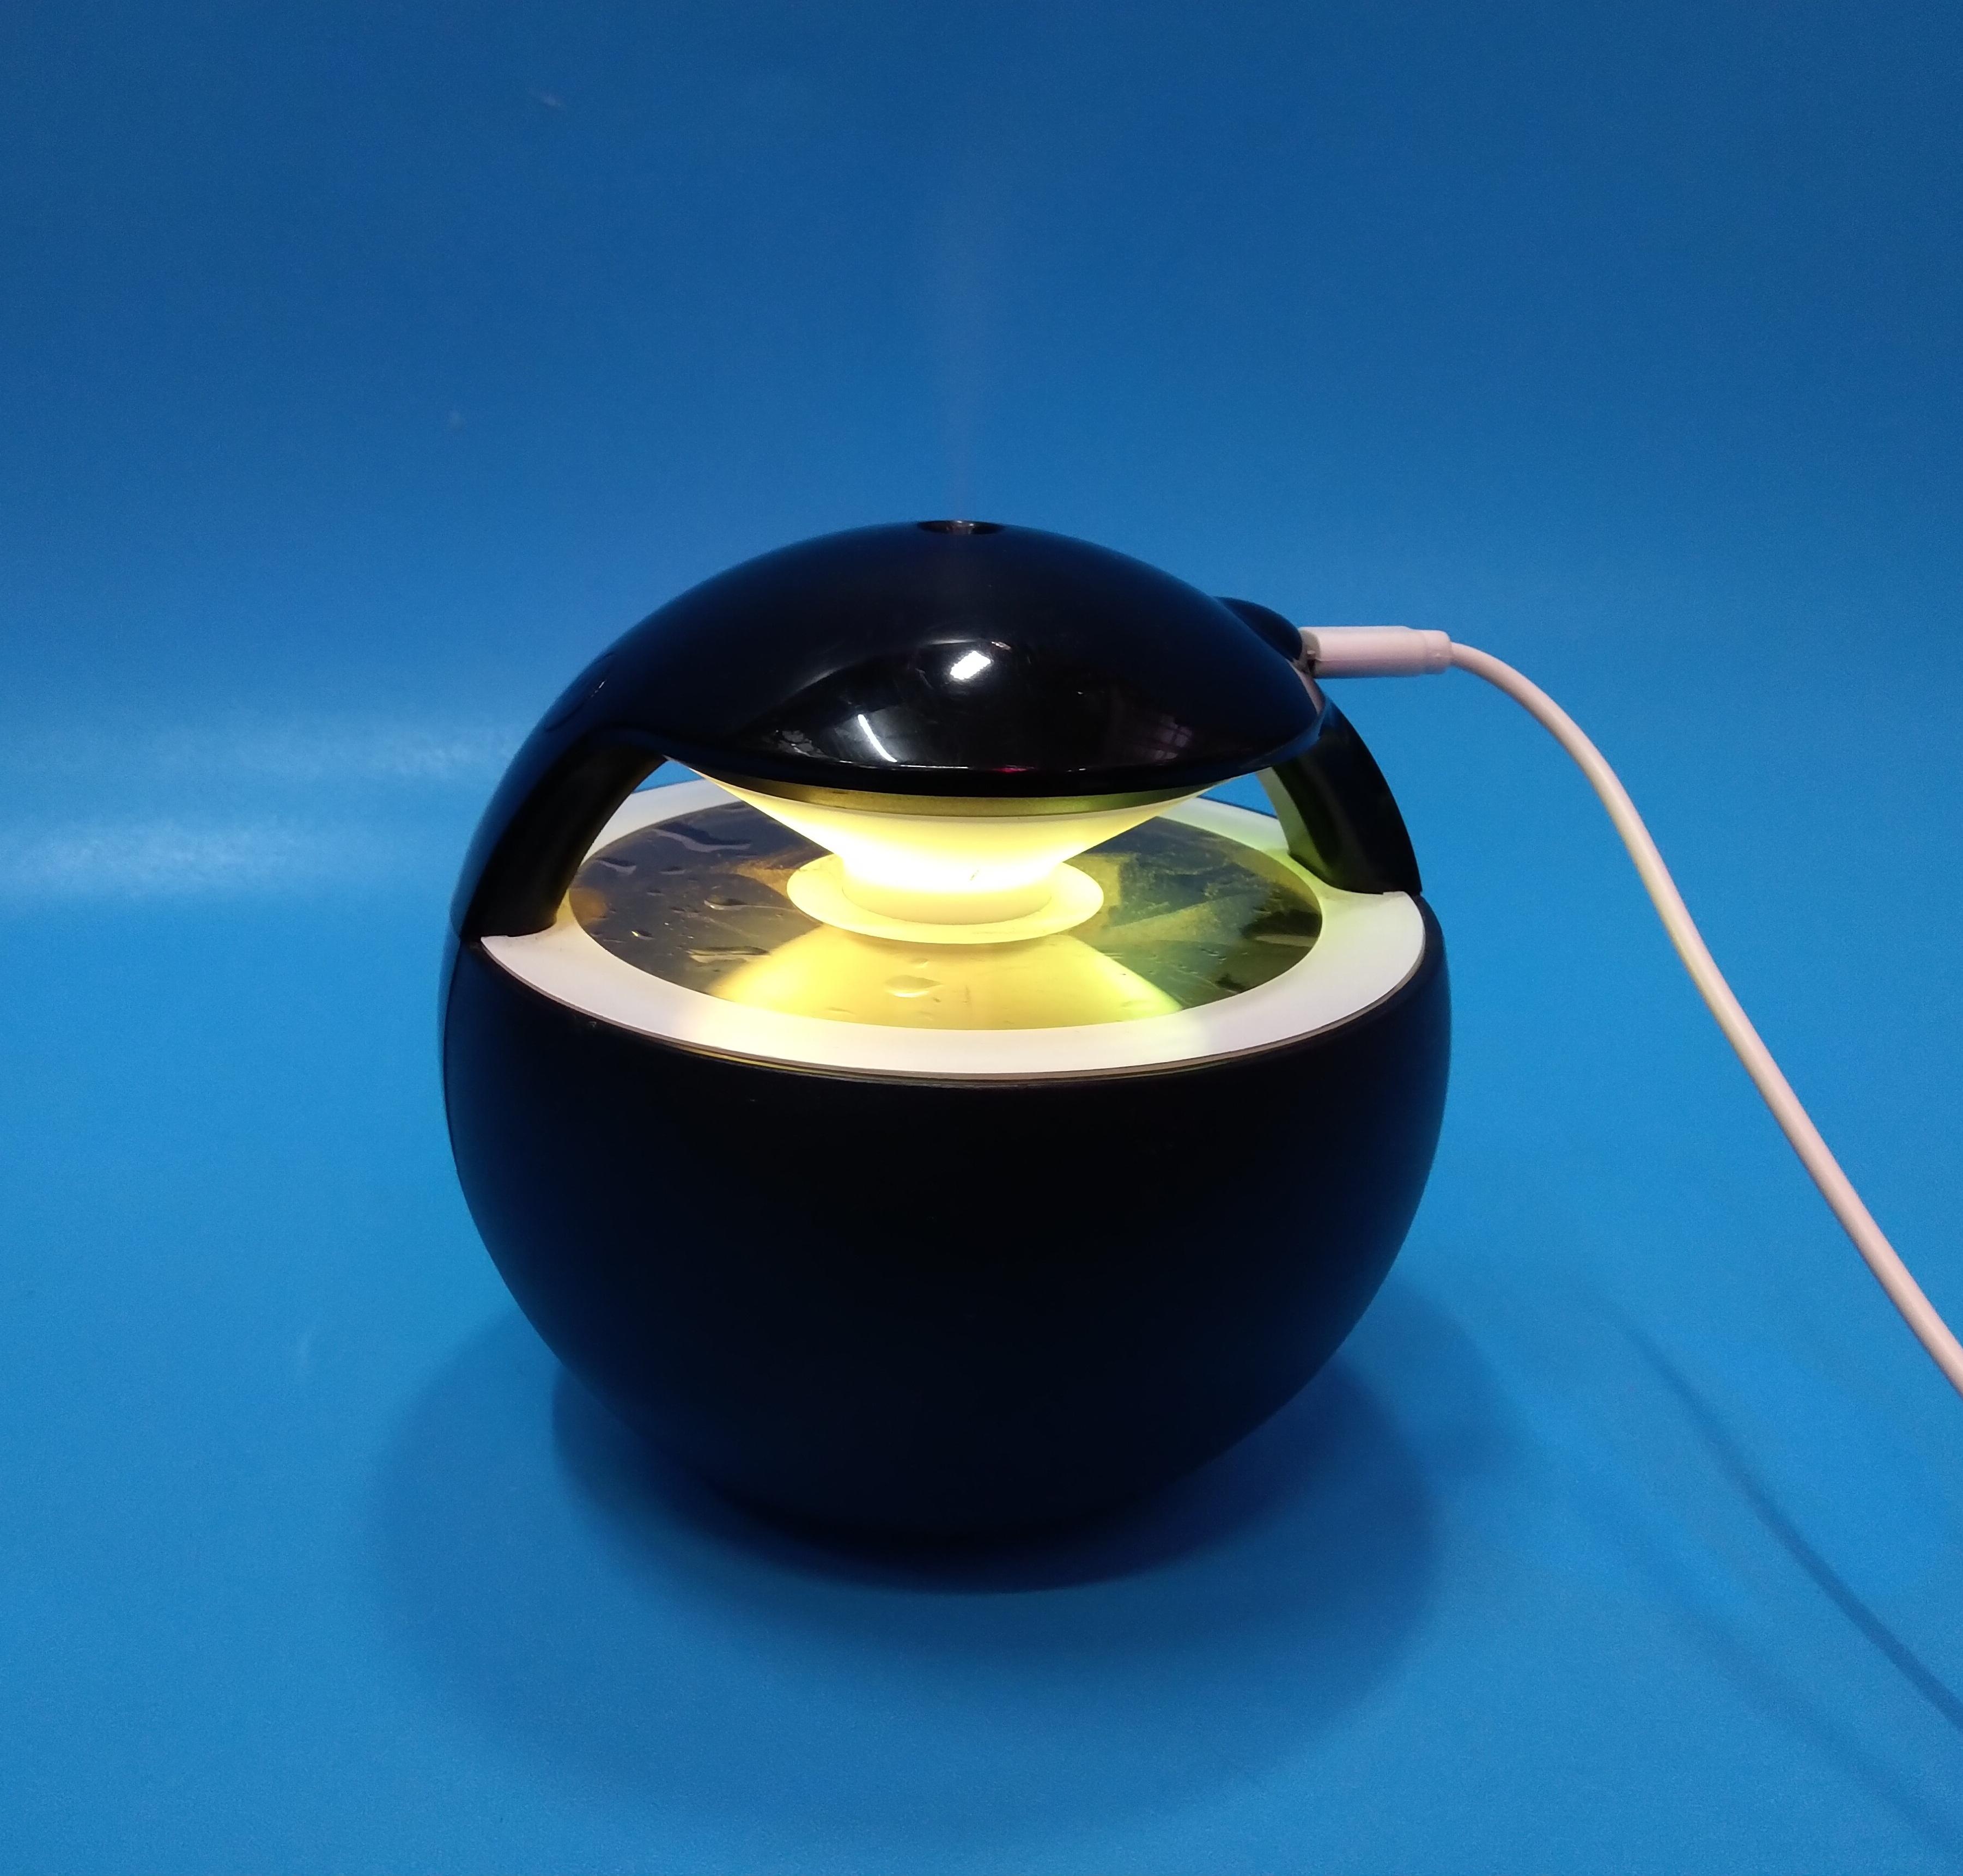 Máy phun sương tạo độ ẩm mini  tích hợp đèn led đổi màu WT-A01-màu ngẫu nhiên